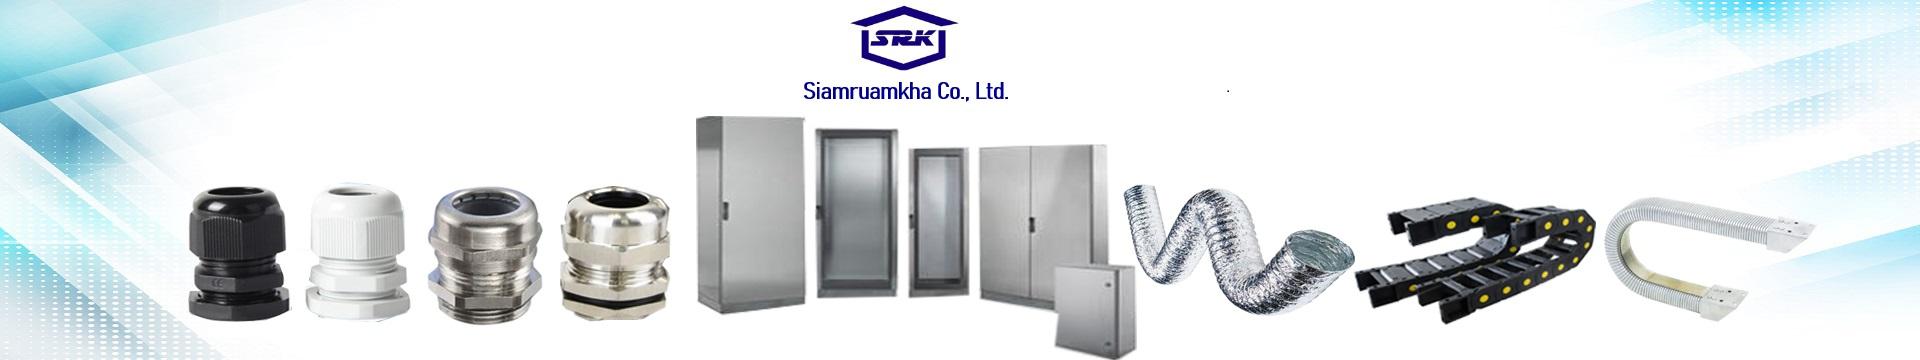 Siamruamkha